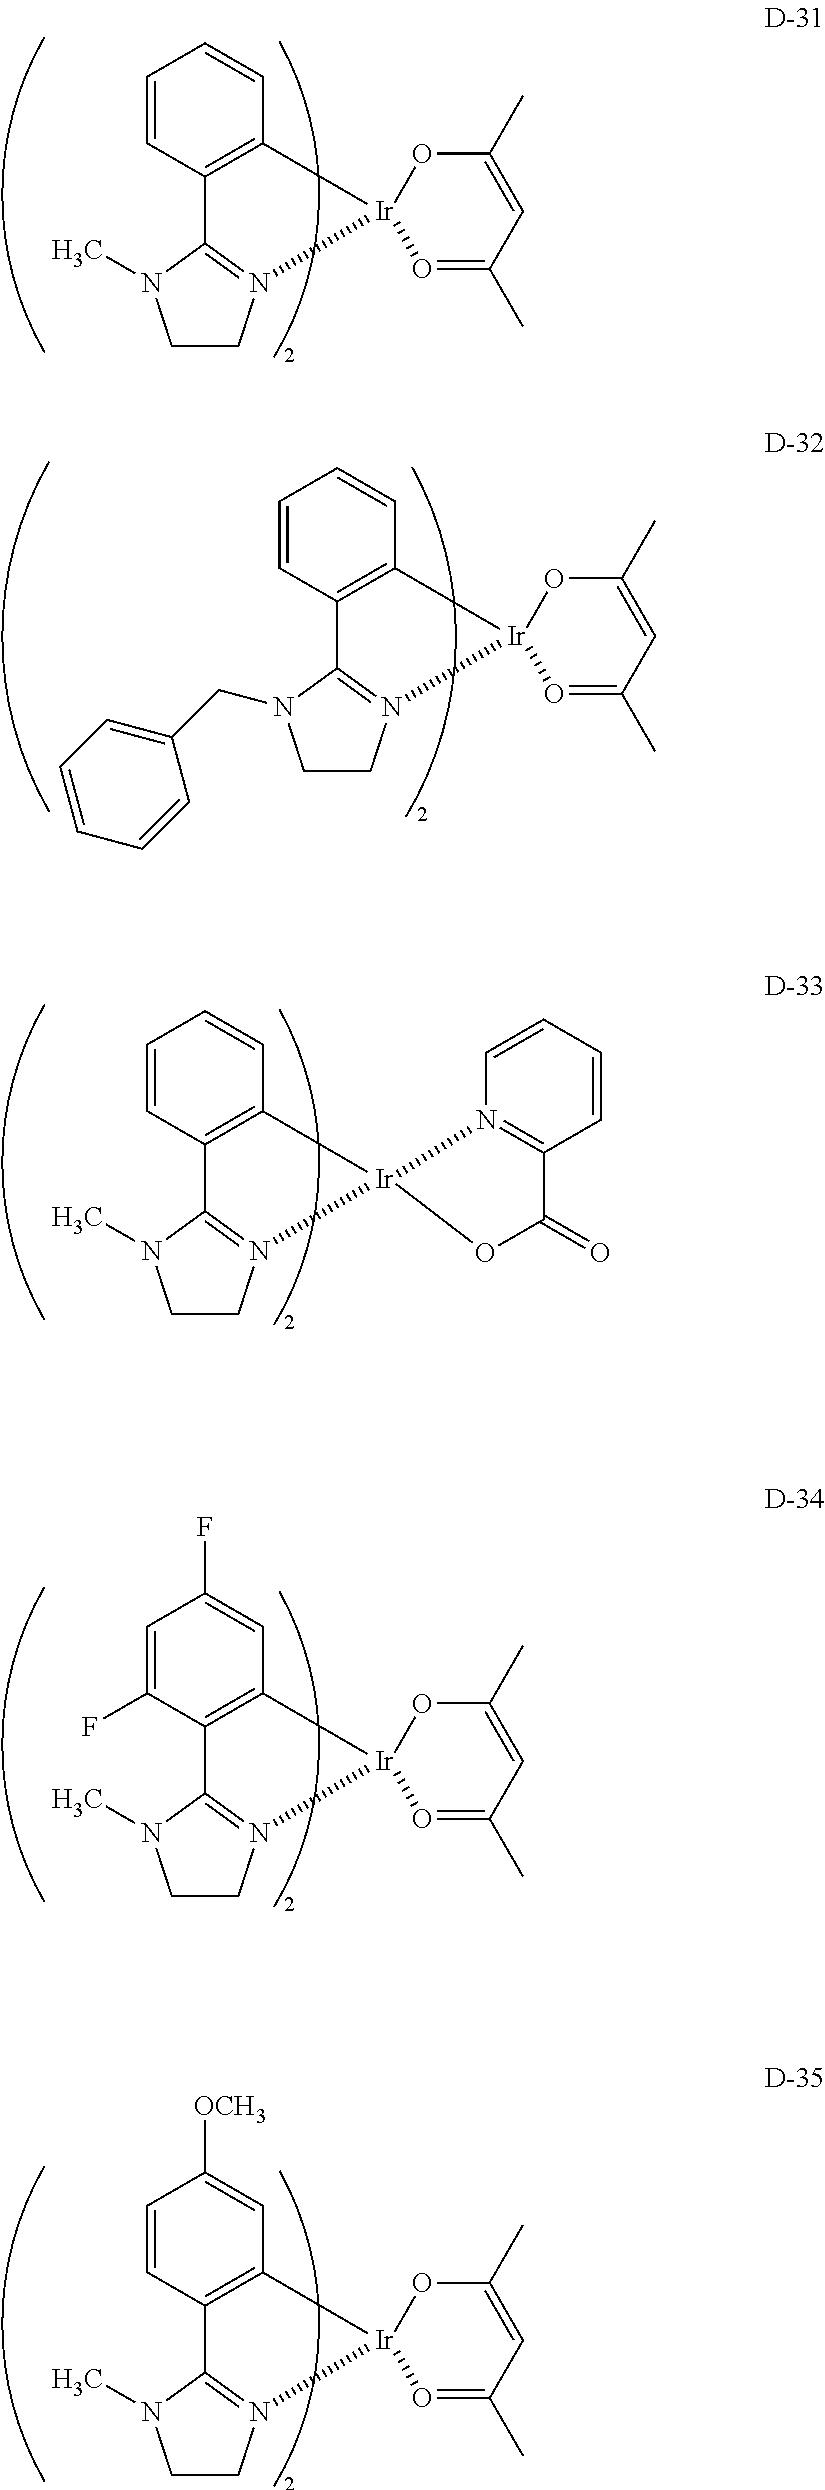 Figure US09935269-20180403-C00071